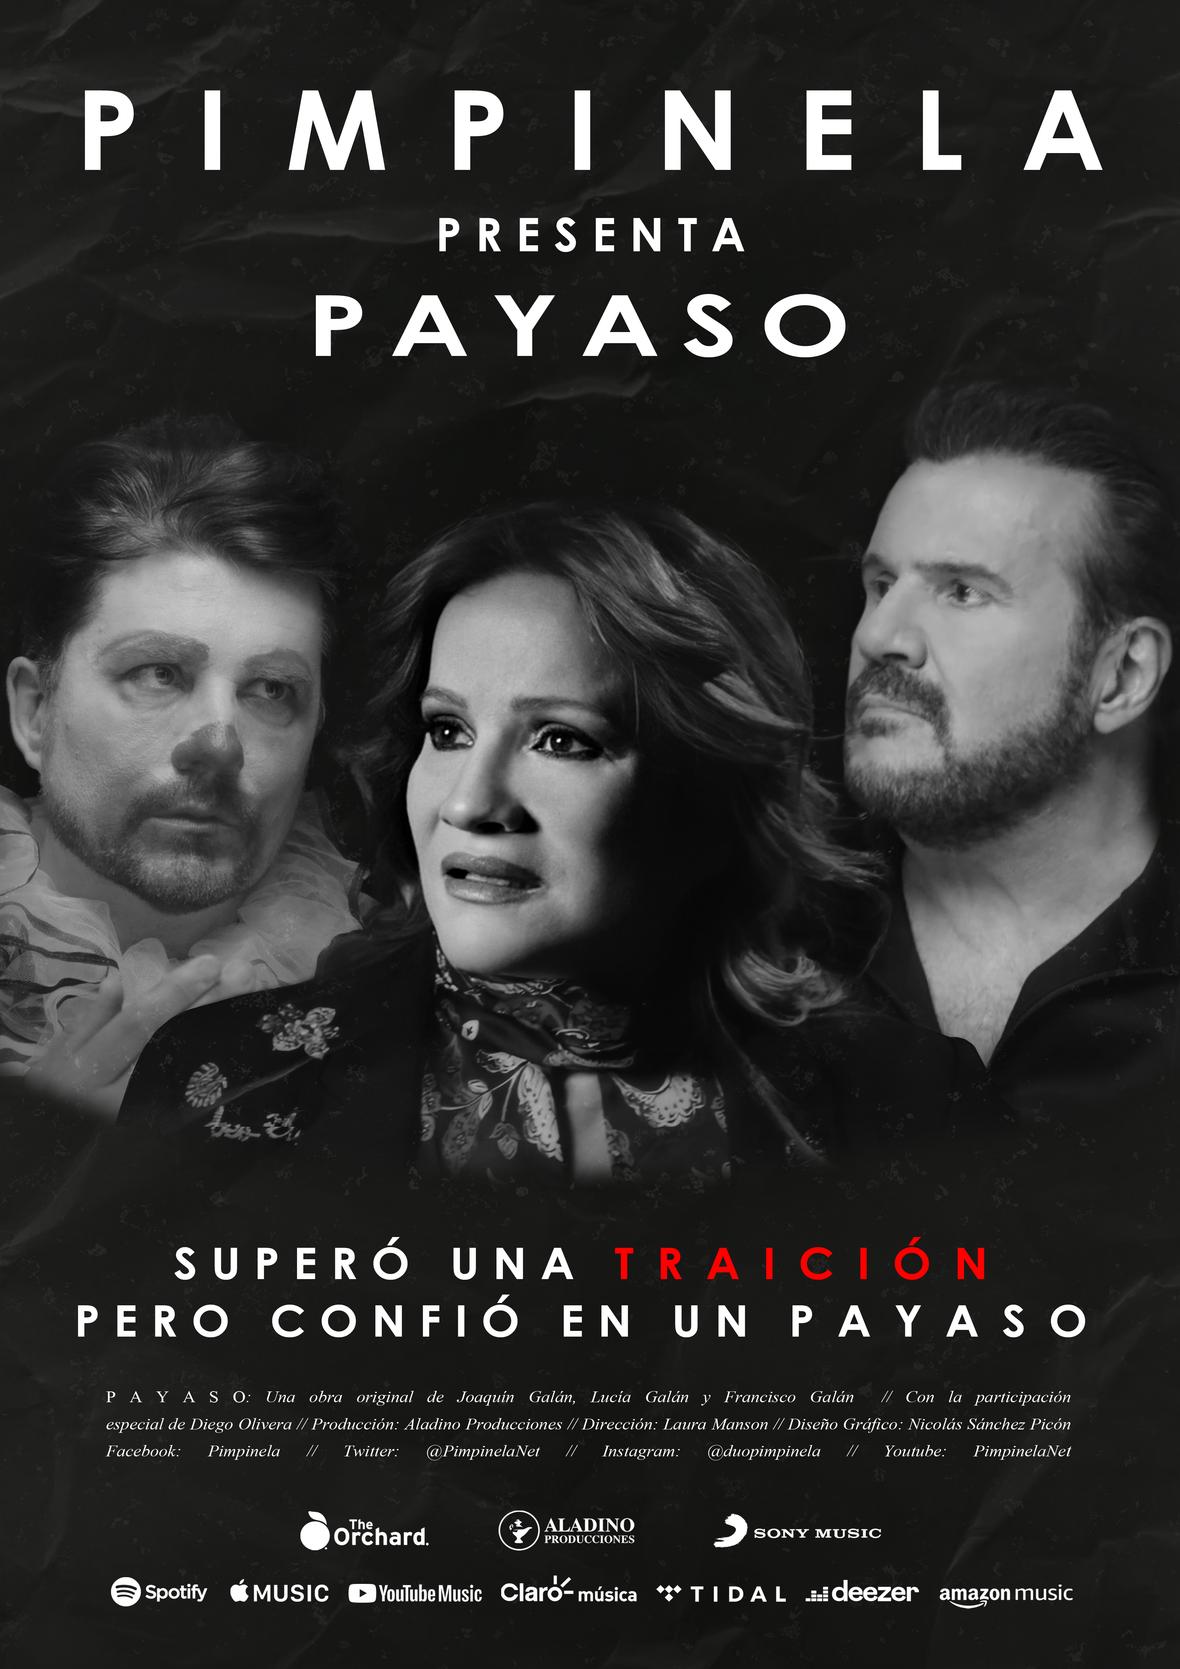 """Pimpinela presenta su nuevo video """"Payaso"""" con la participación especial de Diego Olivera"""